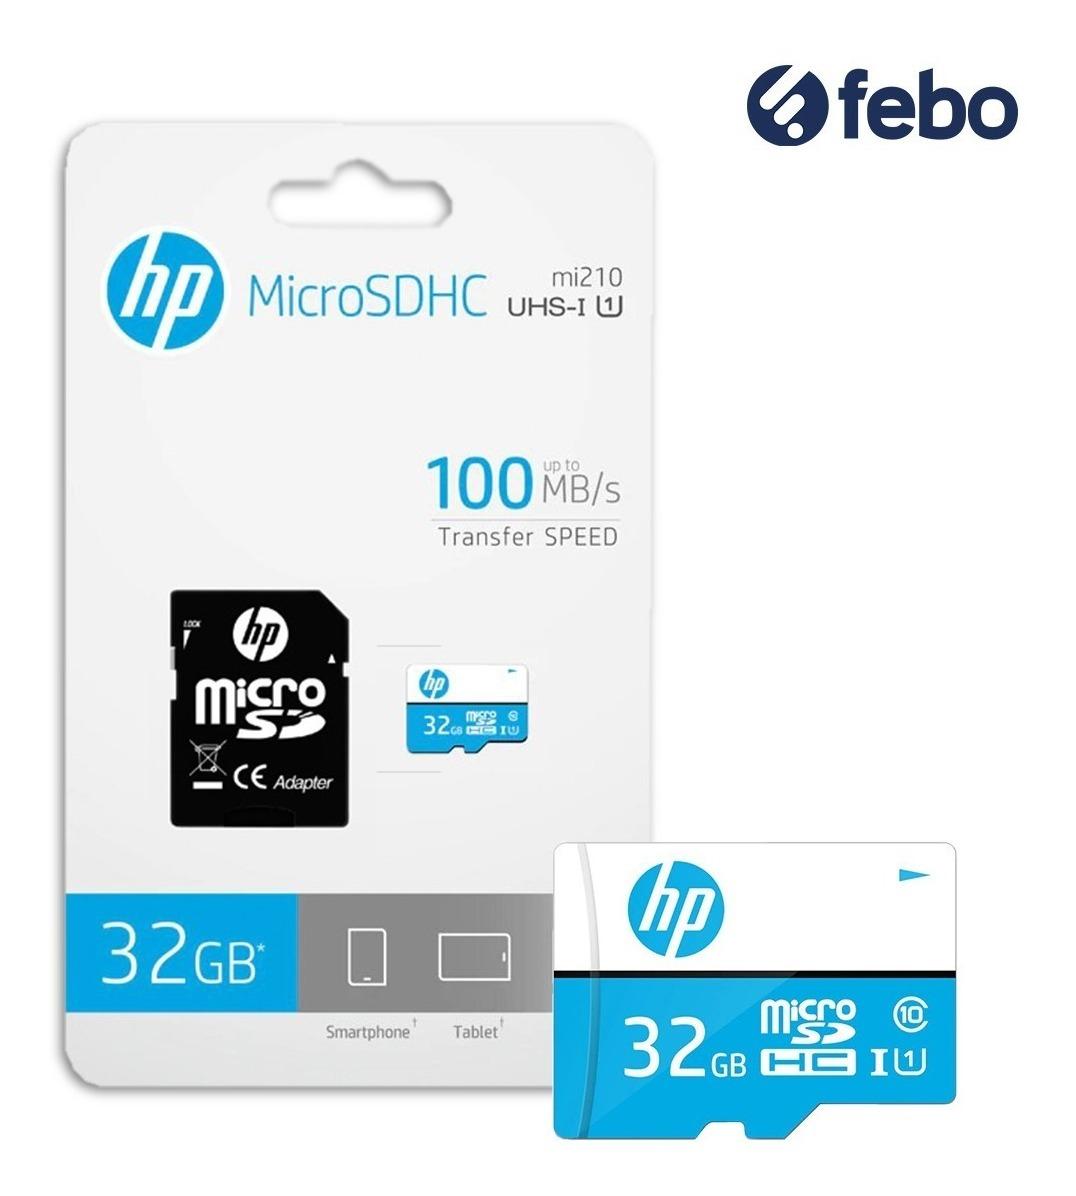 61511b317f7 memoria micro sd hp 32gb 100mb/s celular cámara tablet febo. Cargando zoom.